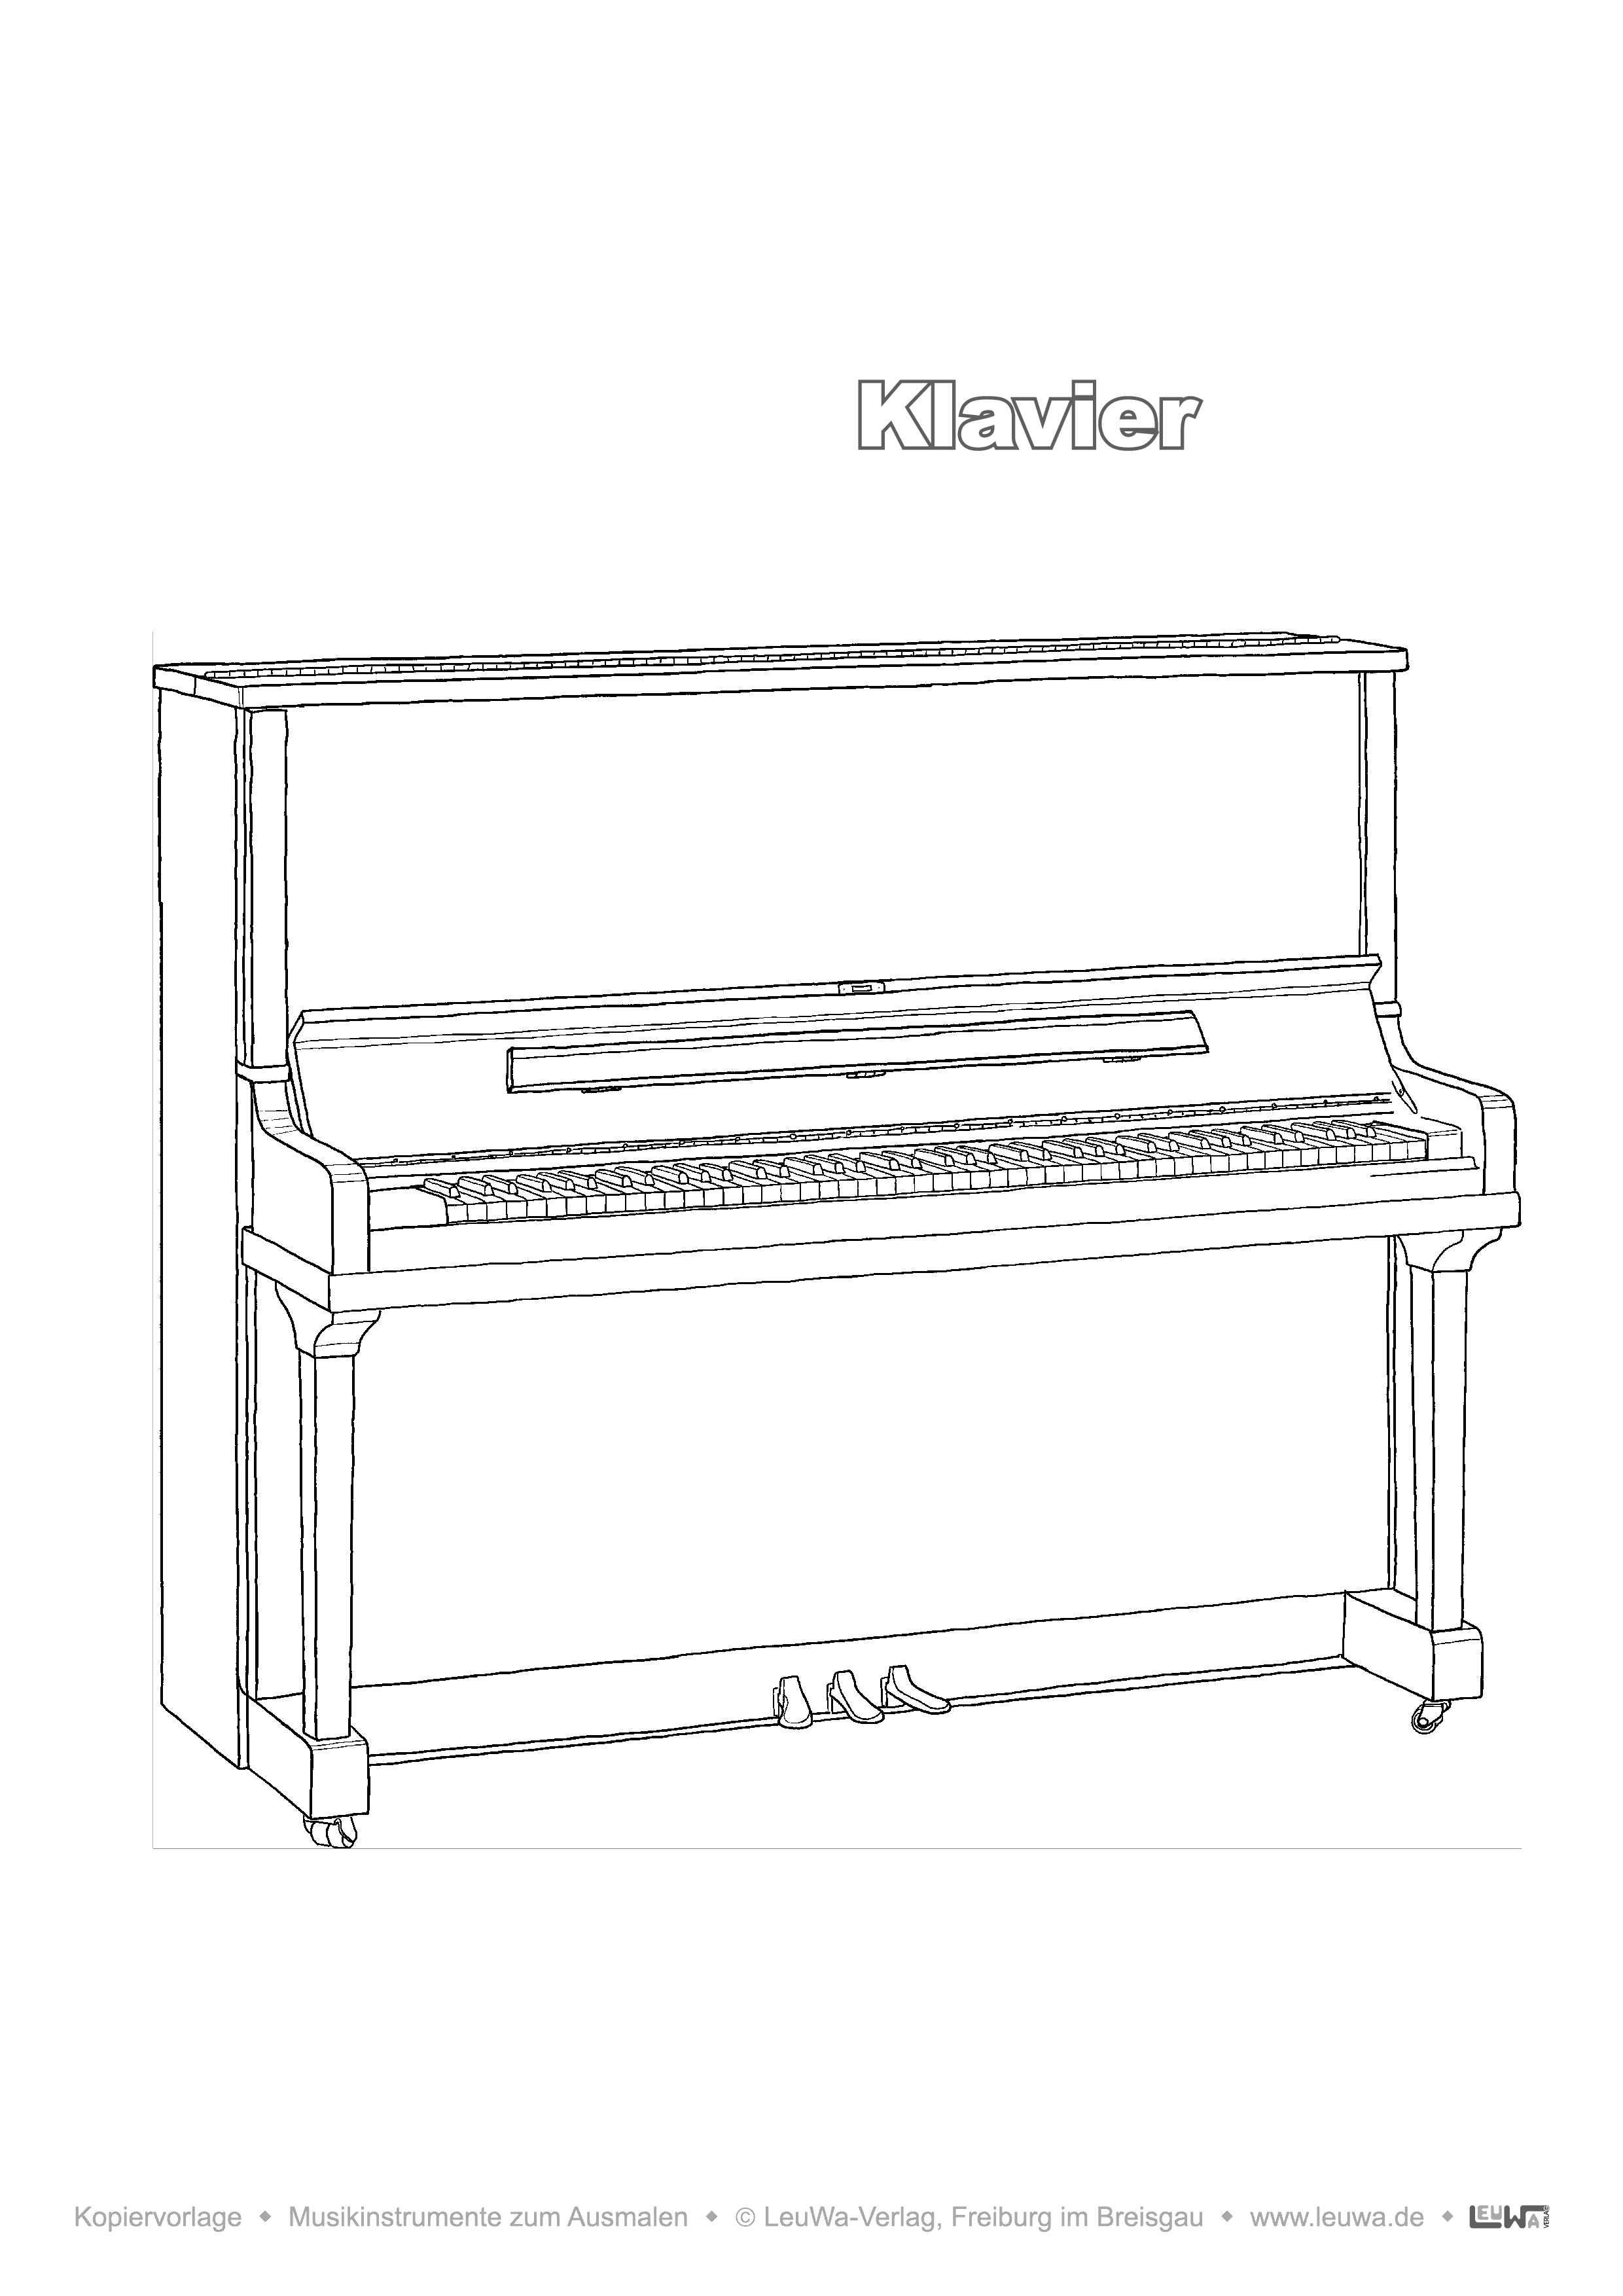 Musikinstrument Zum Ausmalen Klavier Unterrichtsmaterial In Den Fachern Kunst Musik Musikinstrumente Kindergarten Musik Musik